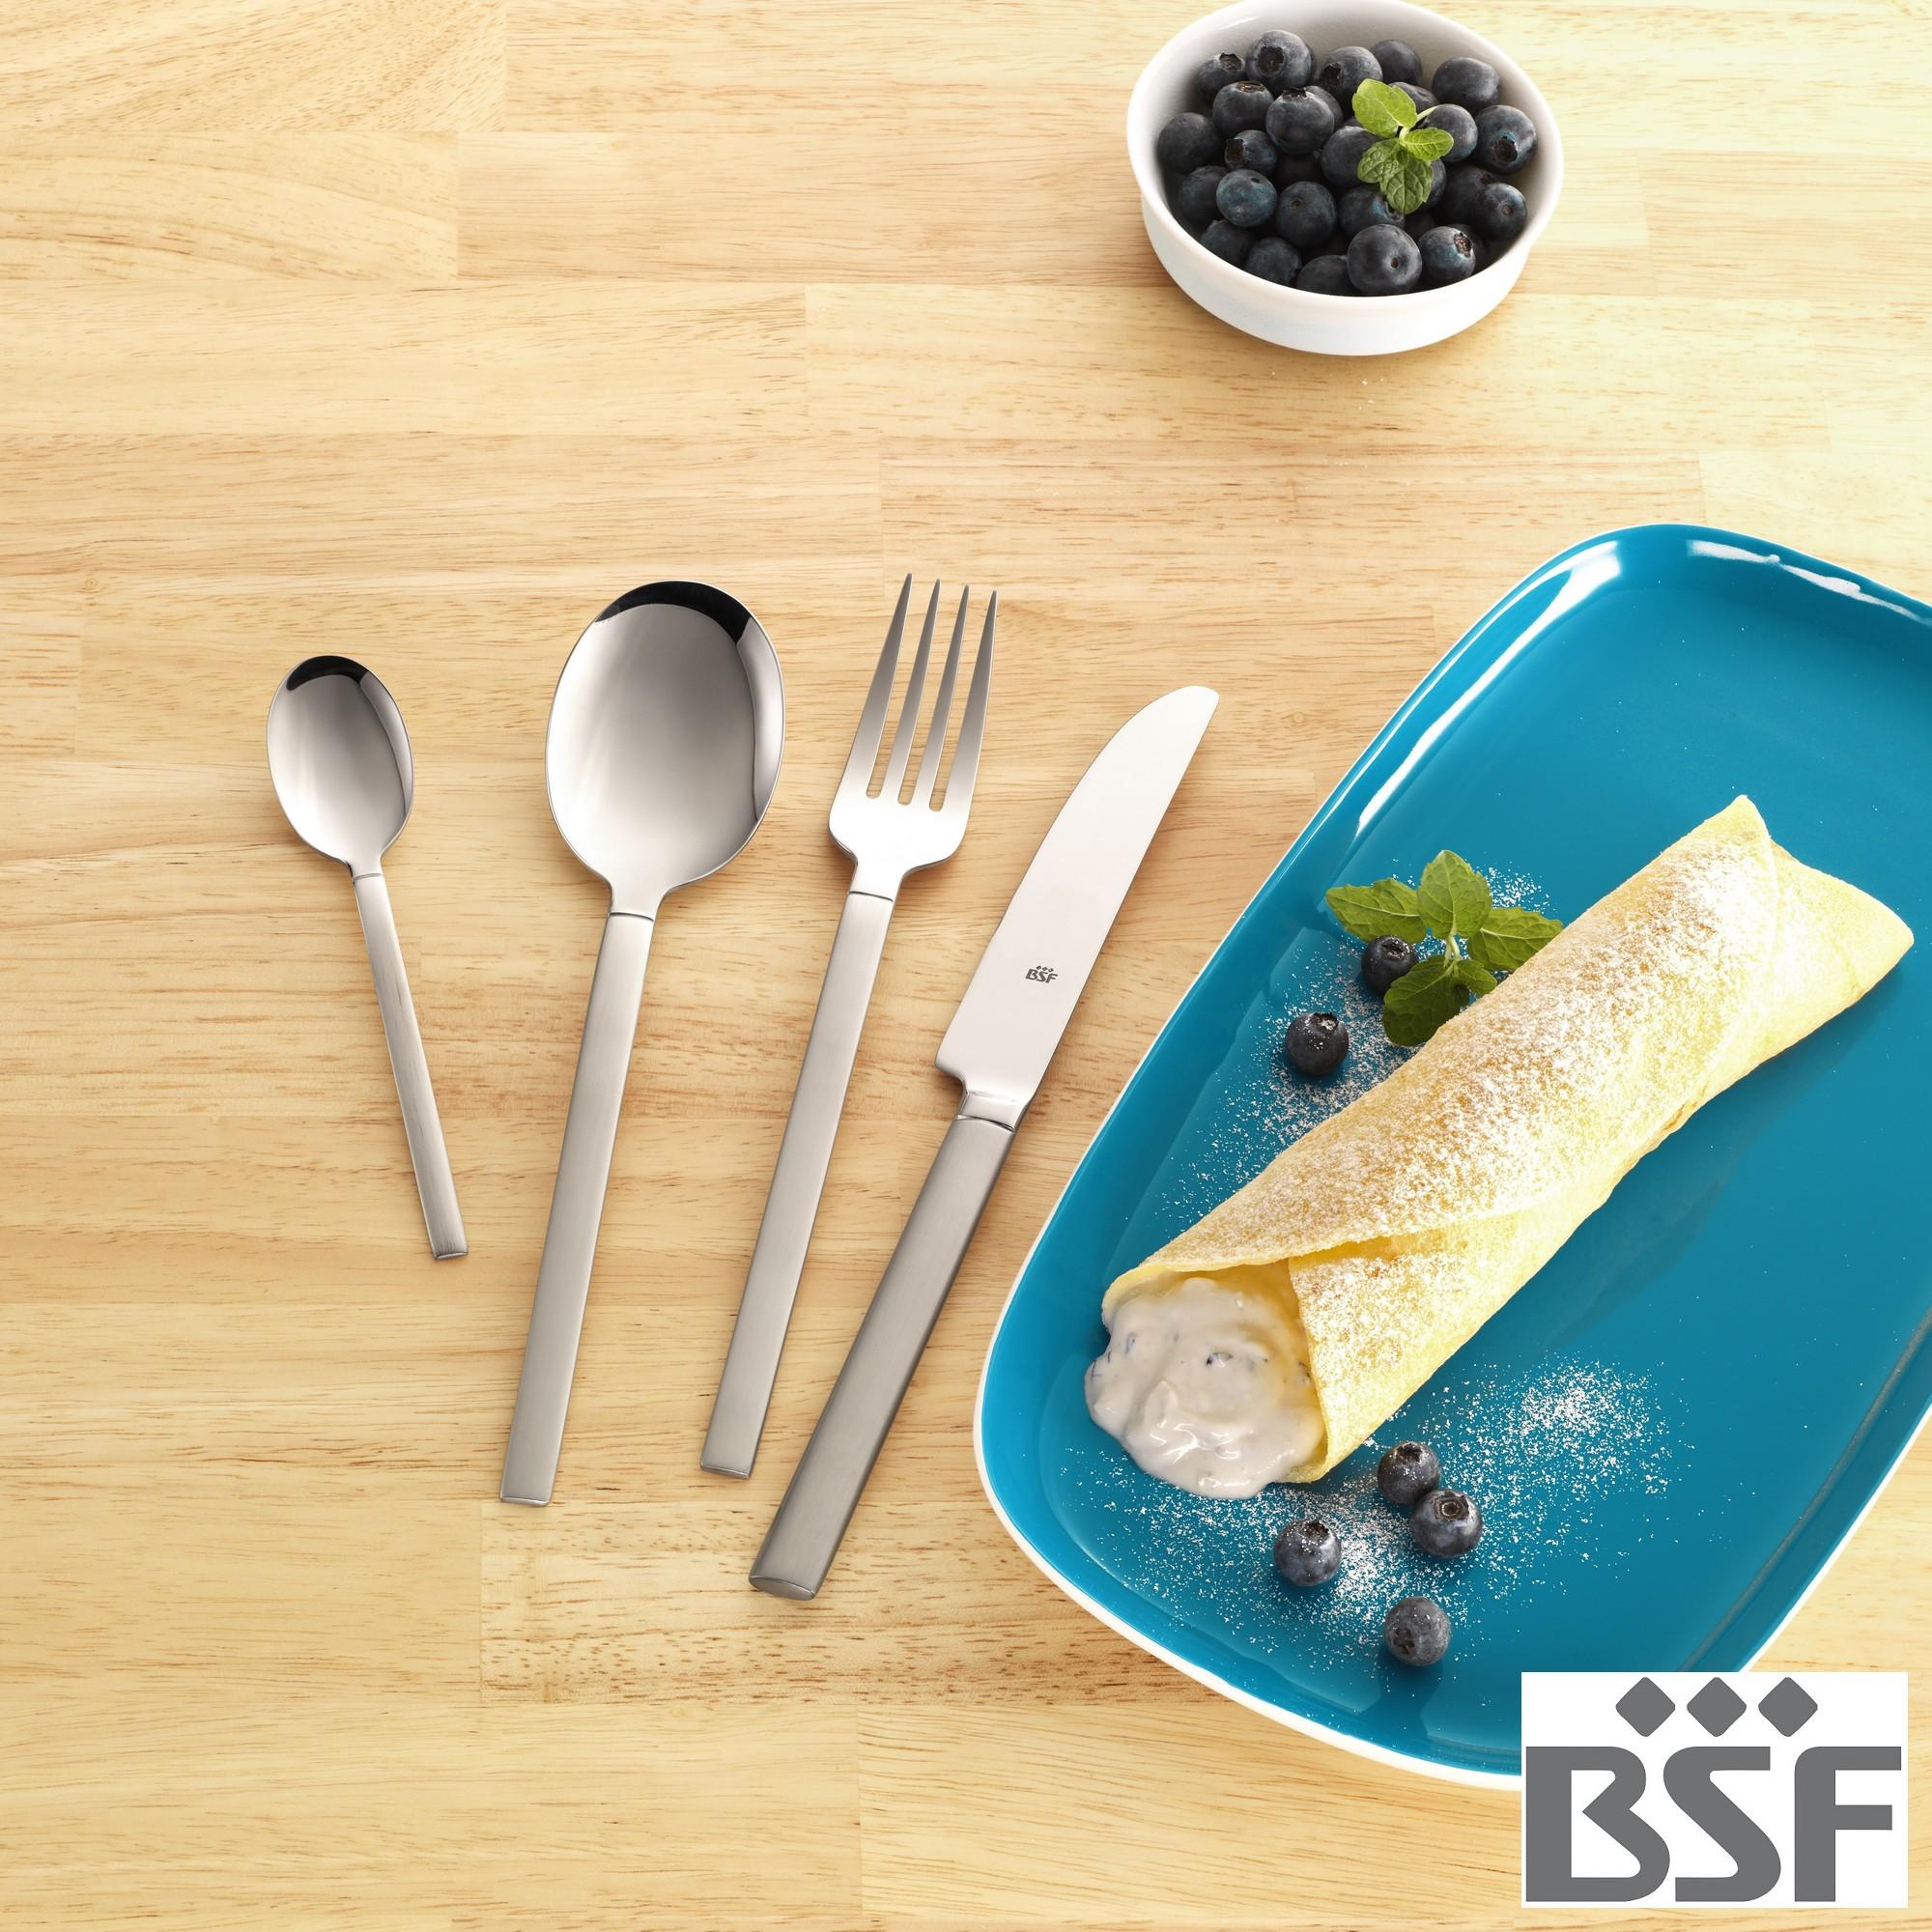 Faca de Sobremesa BSF Carrara Avulsa Caixa com 10 Peças